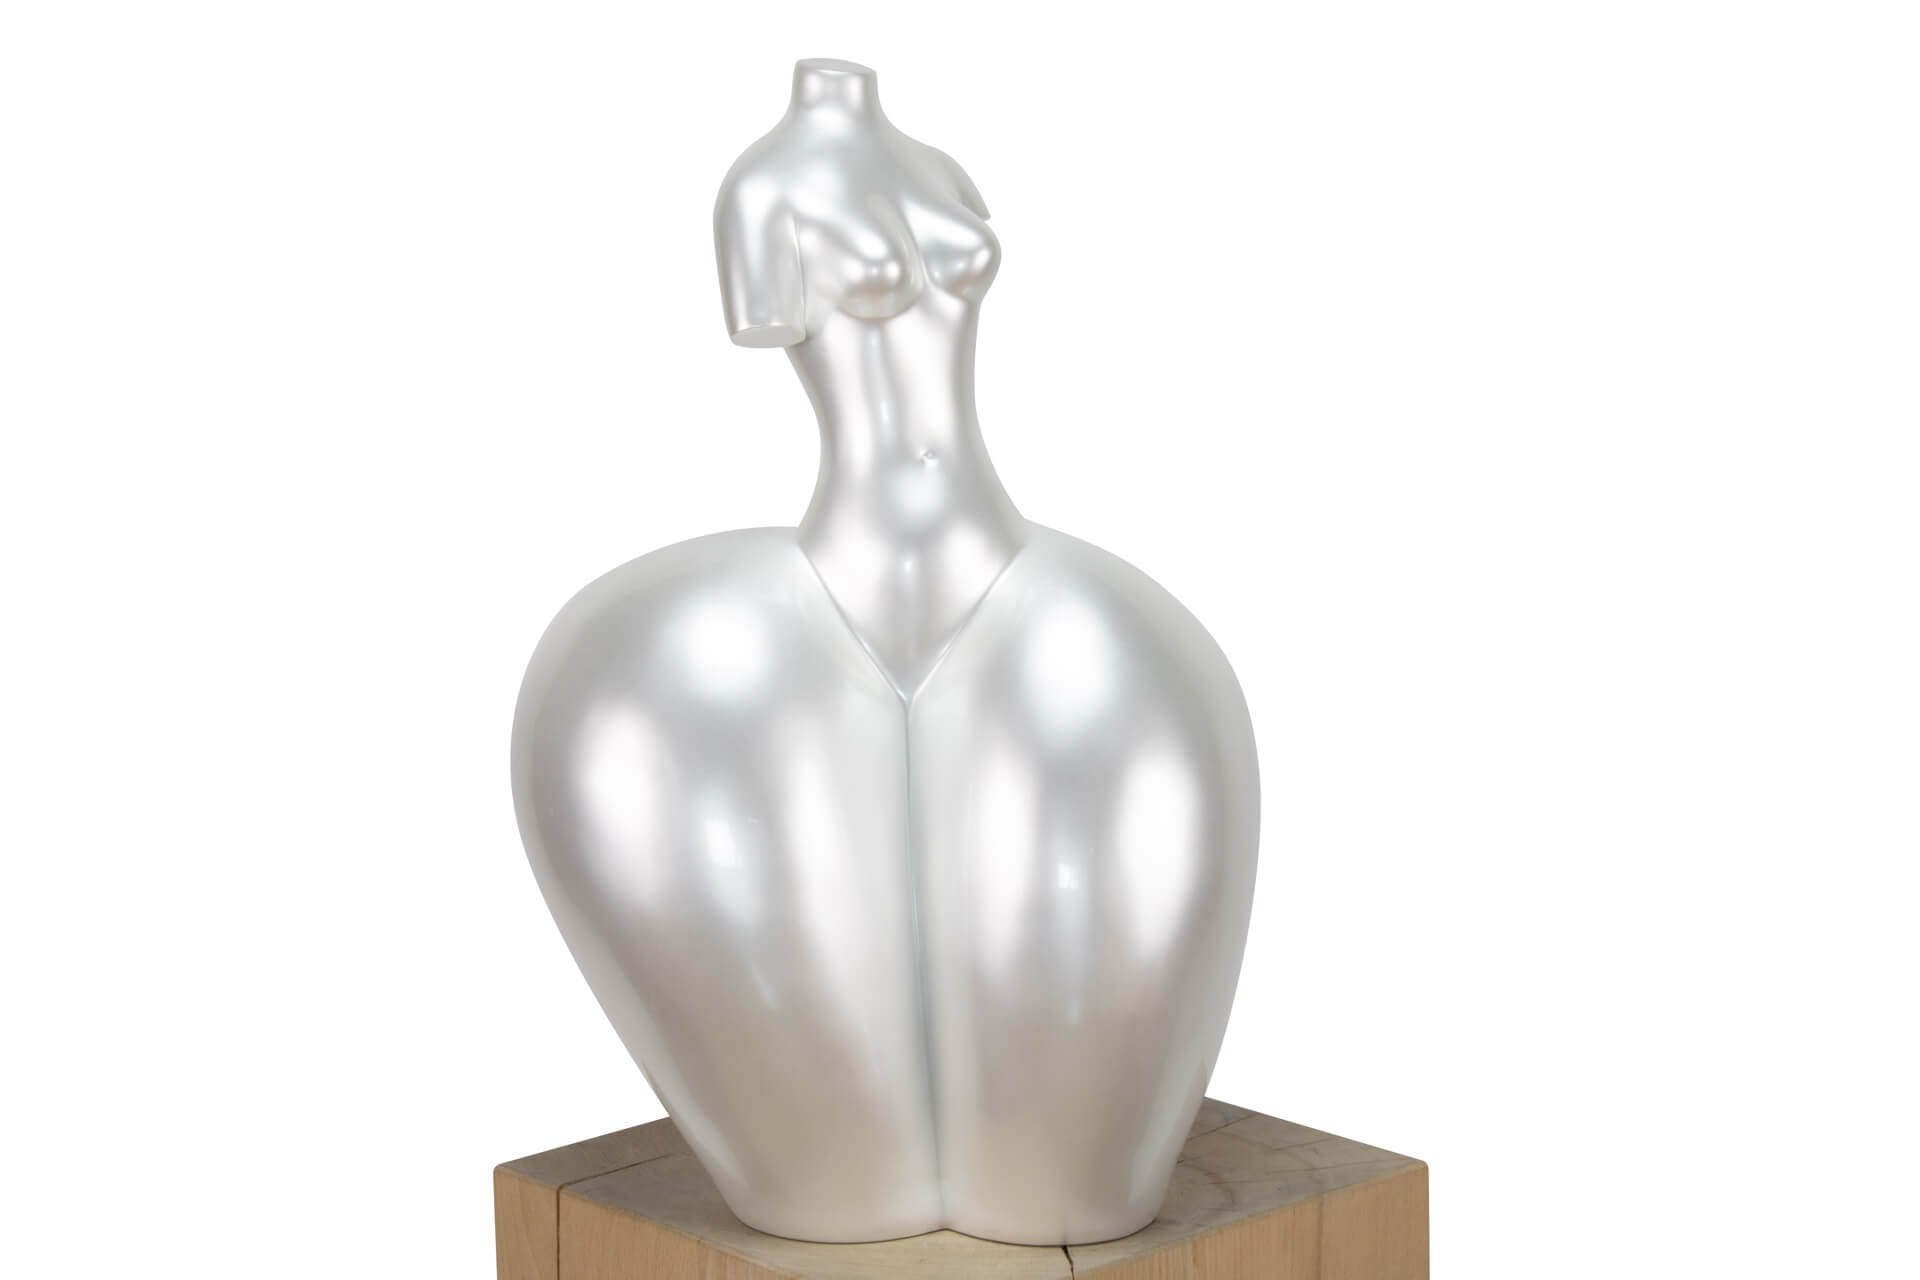 Deko Garten Stein Schön Sculpture as Pure as Snow 12x19x7inches